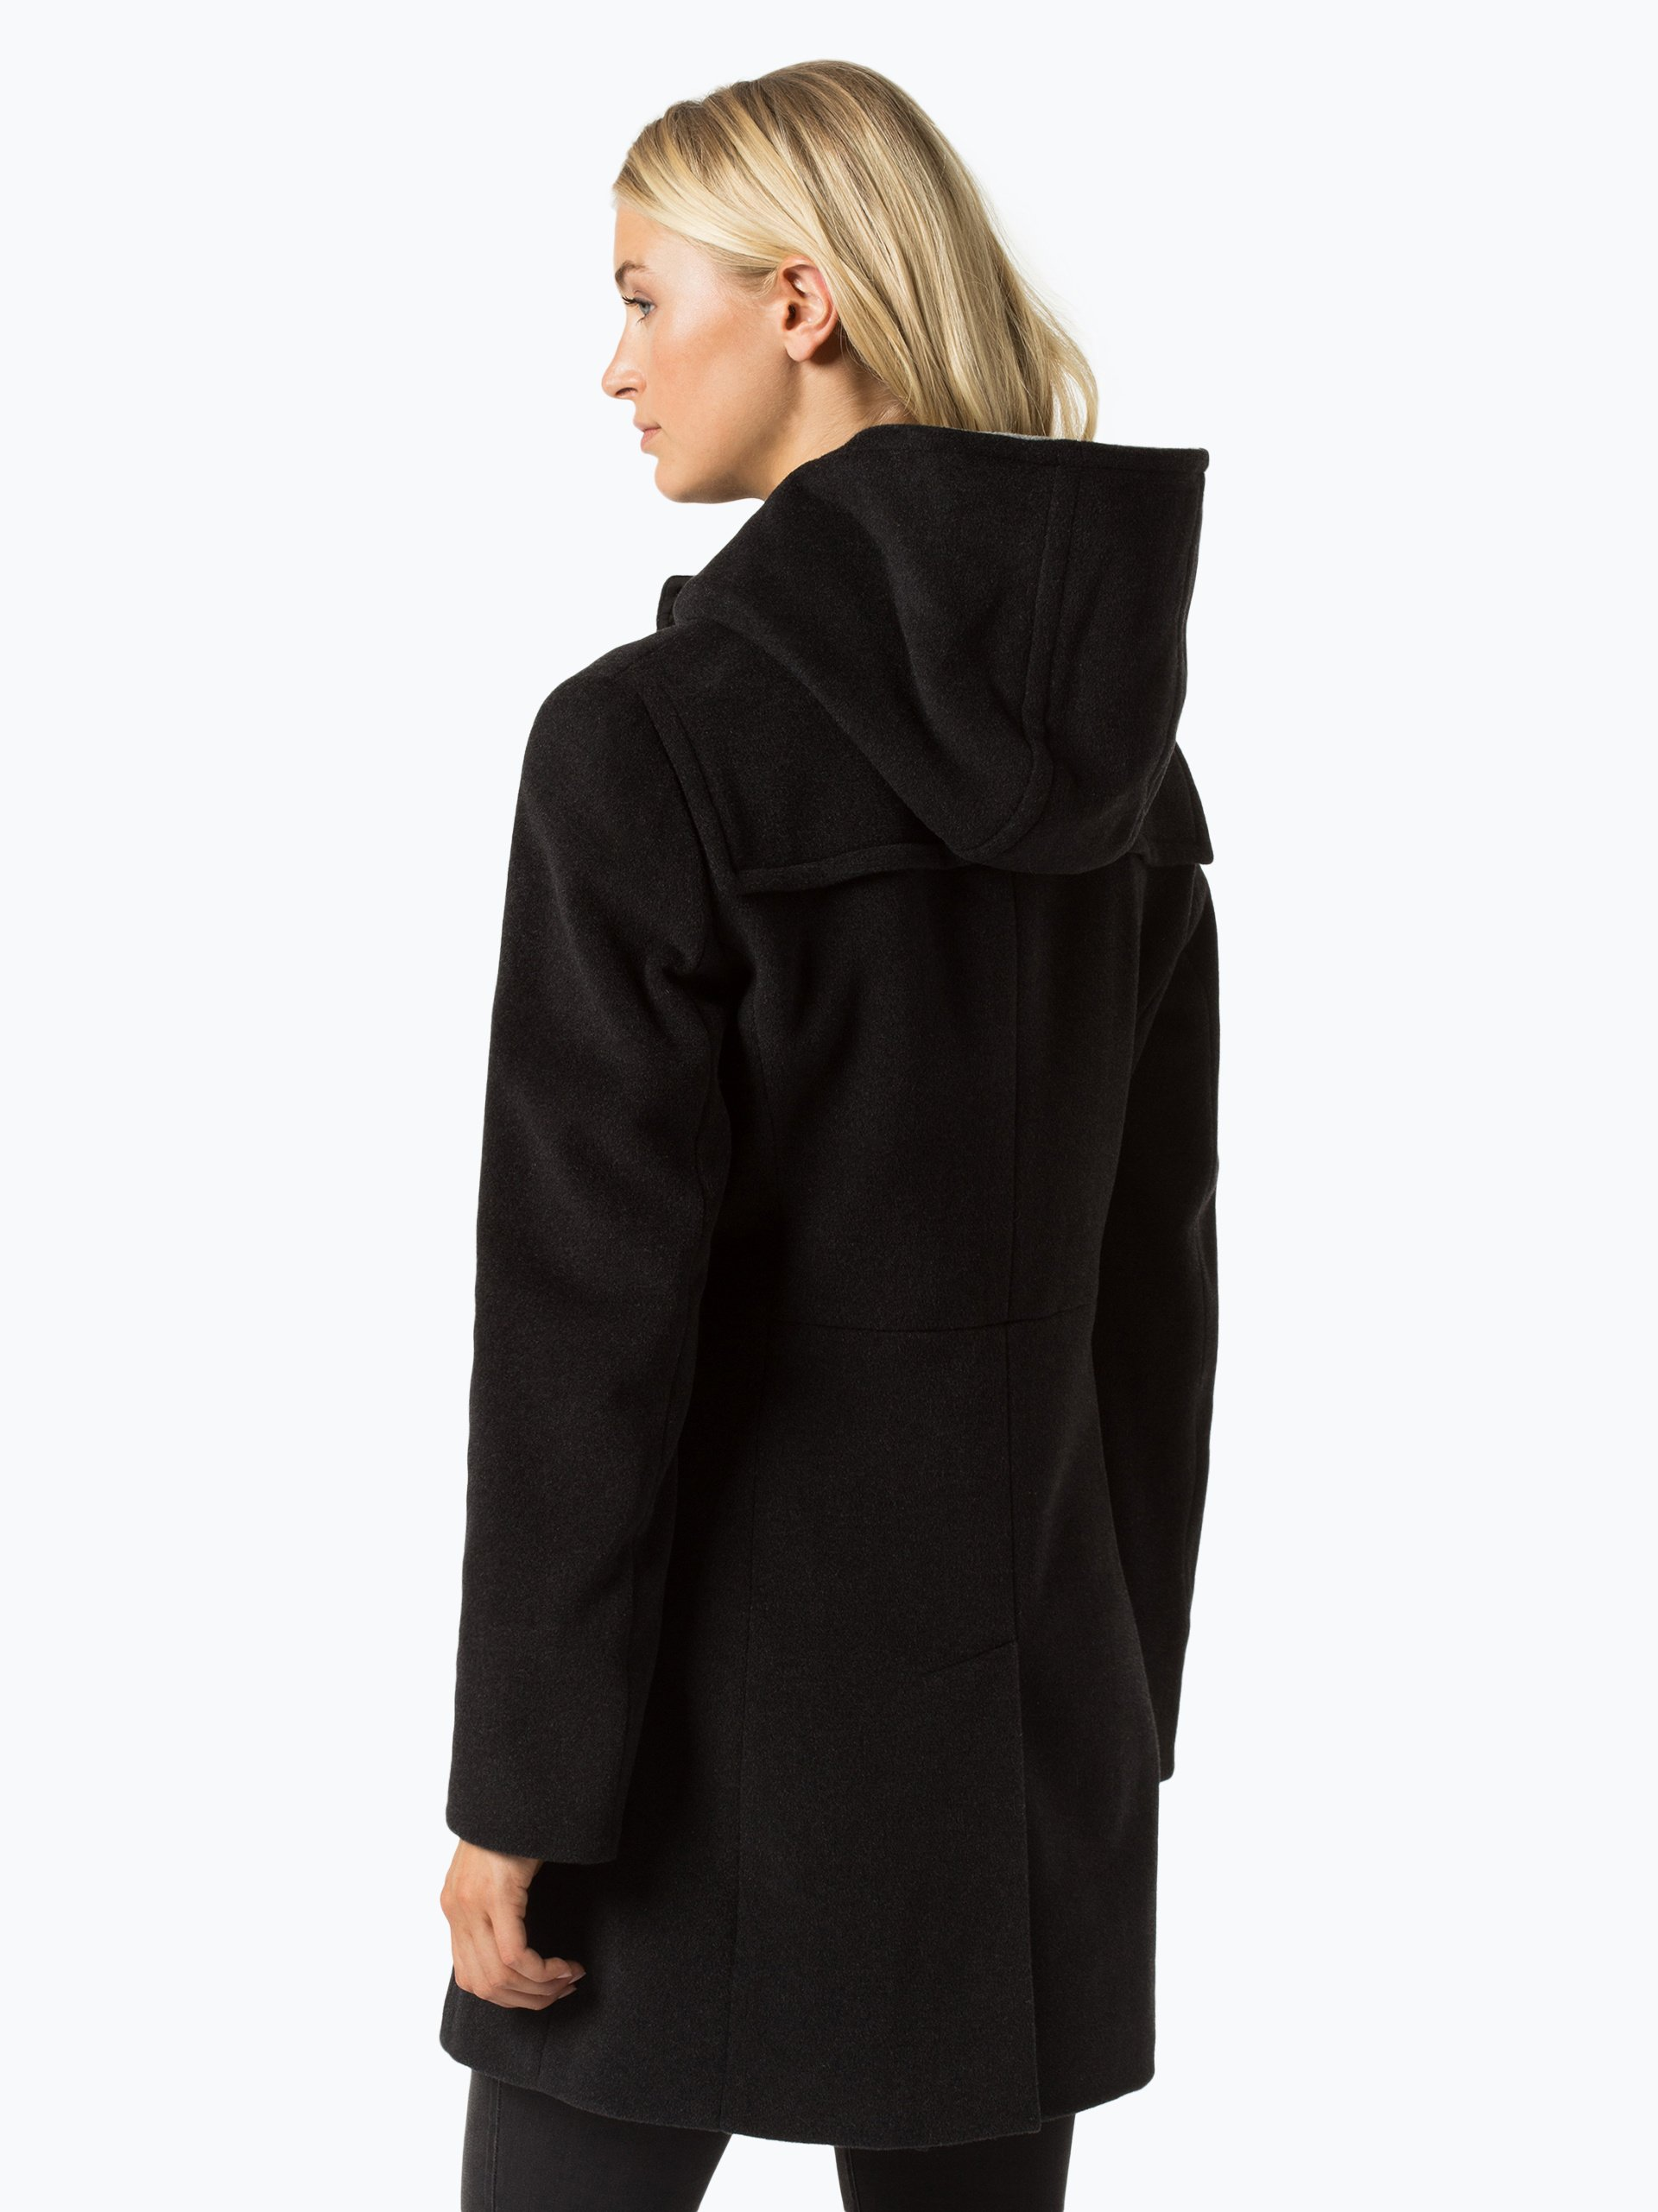 gil bret damen mantel mit cashmere anteil anthrazit uni online kaufen peek und cloppenburg de. Black Bedroom Furniture Sets. Home Design Ideas